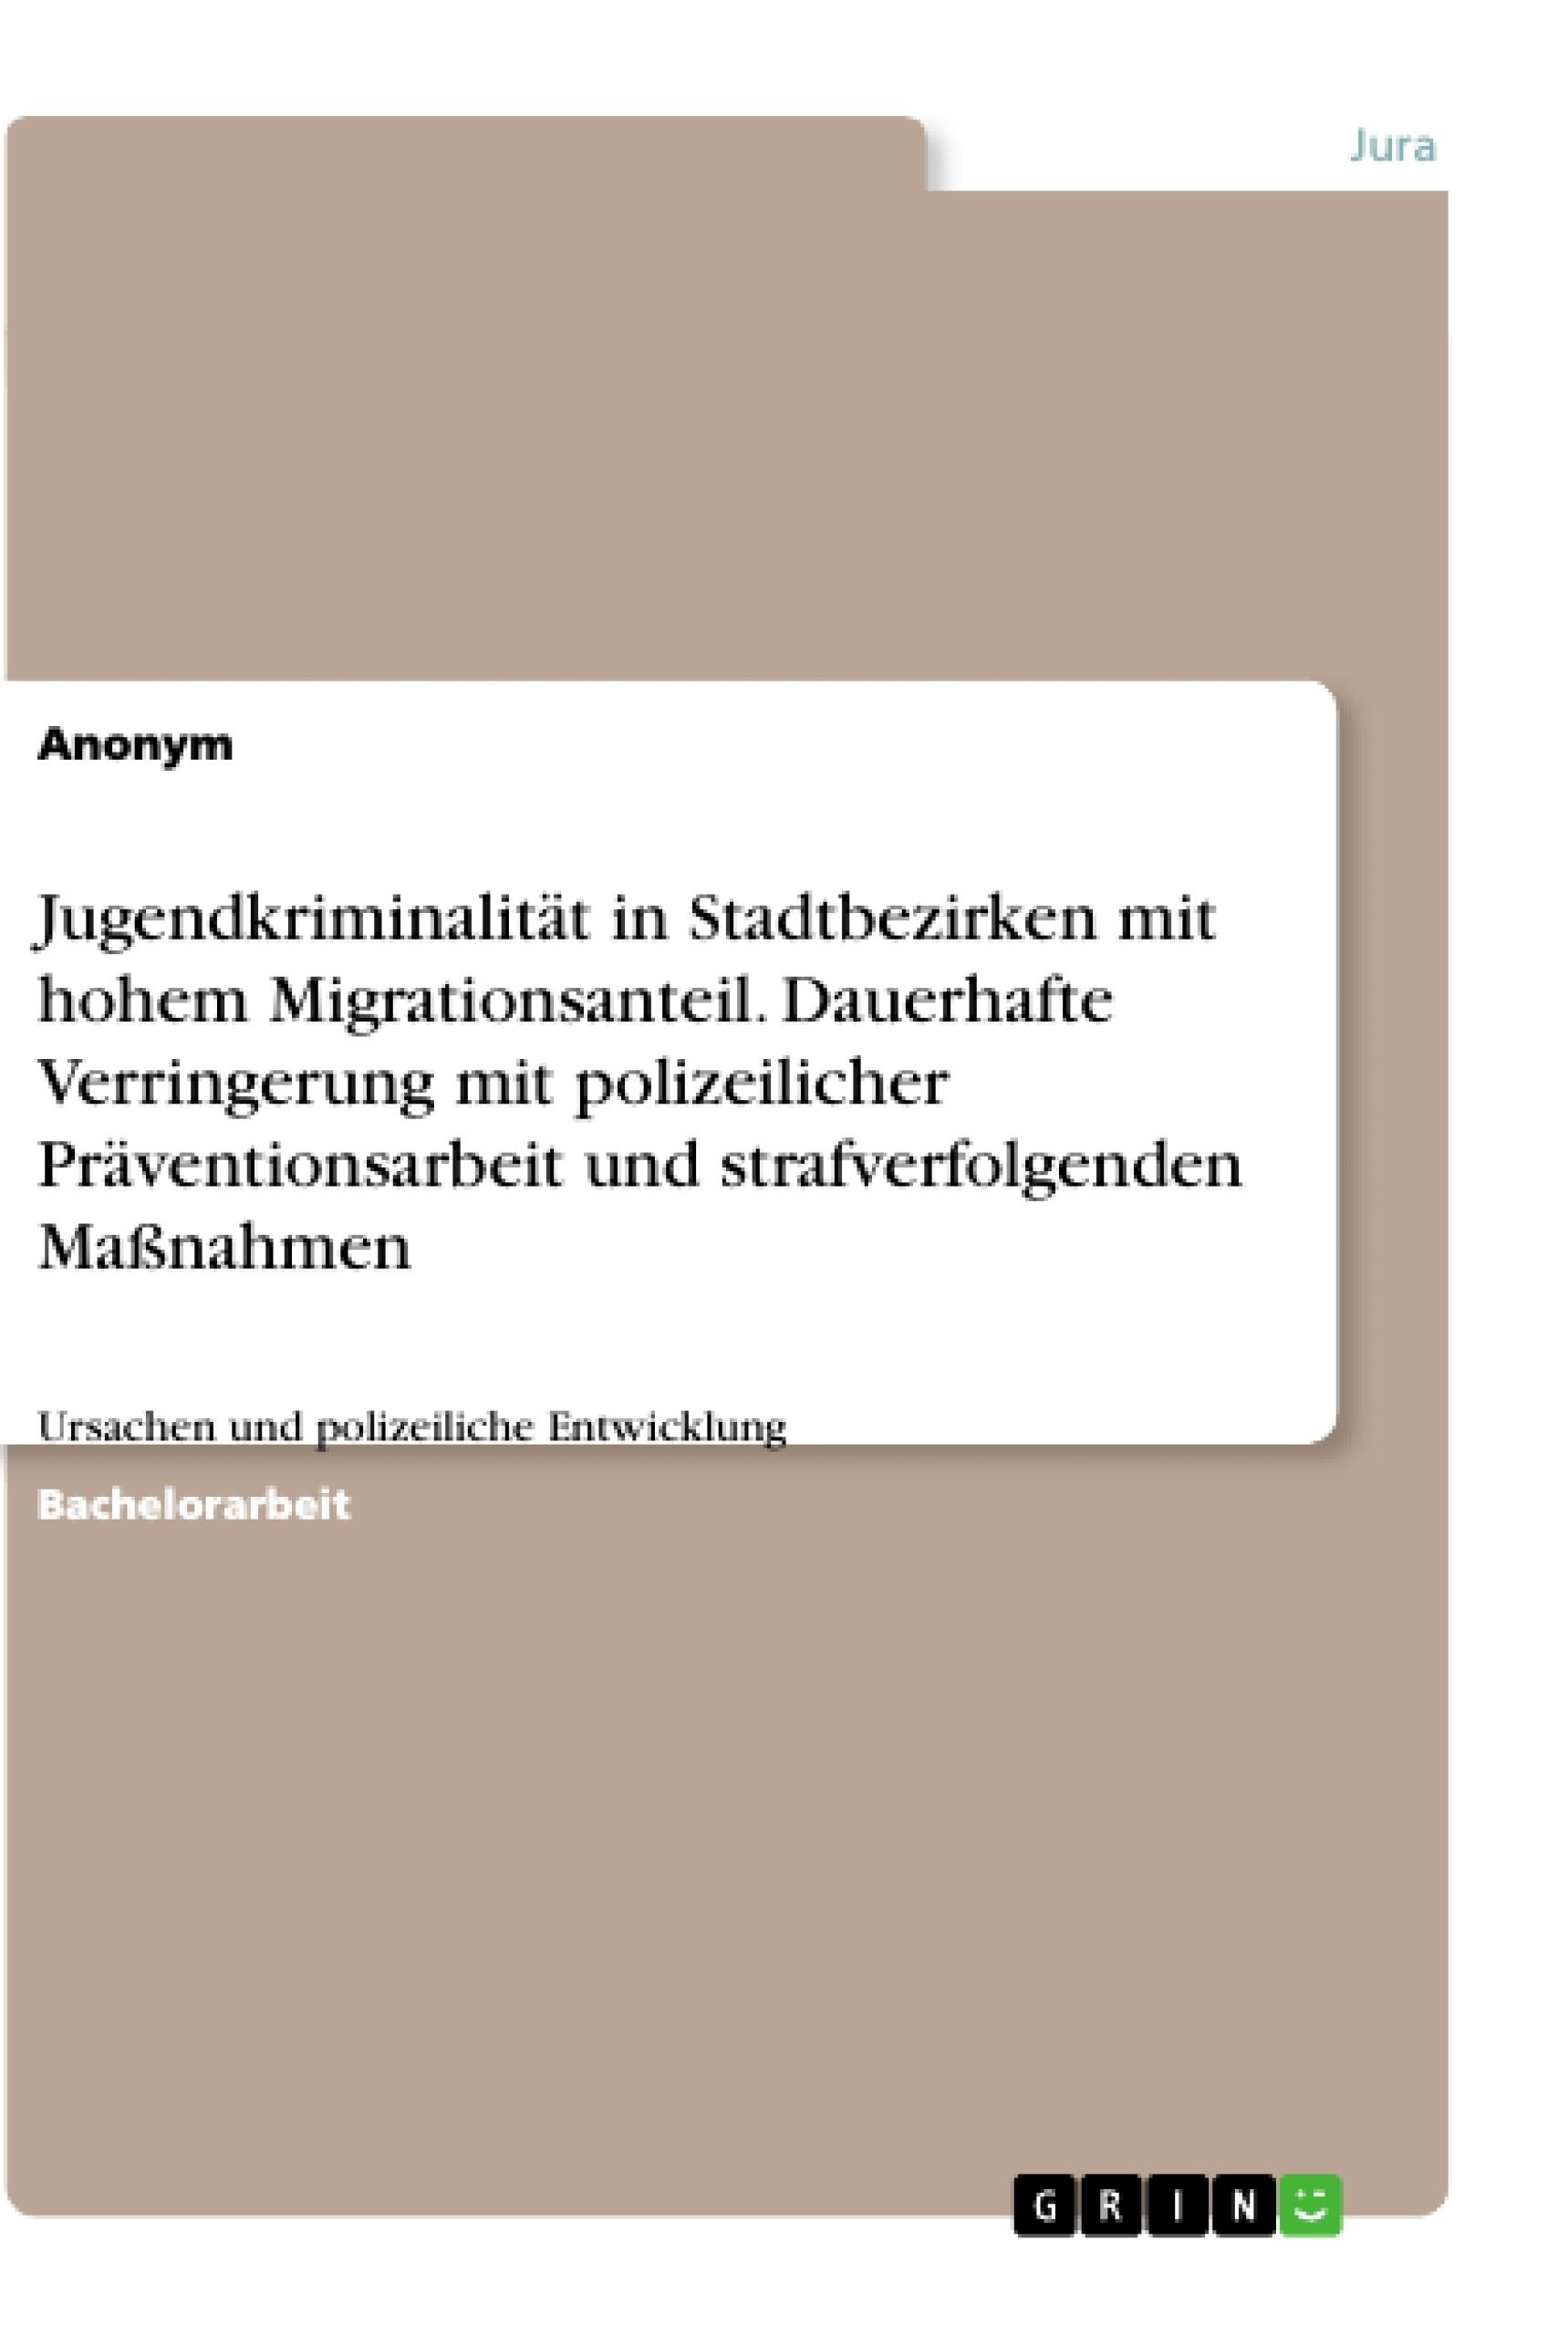 Titel: Jugendkriminalität in Stadtbezirken mit hohem Migrationsanteil. Dauerhafte Verringerung mit polizeilicher Präventionsarbeit und strafverfolgenden Maßnahmen